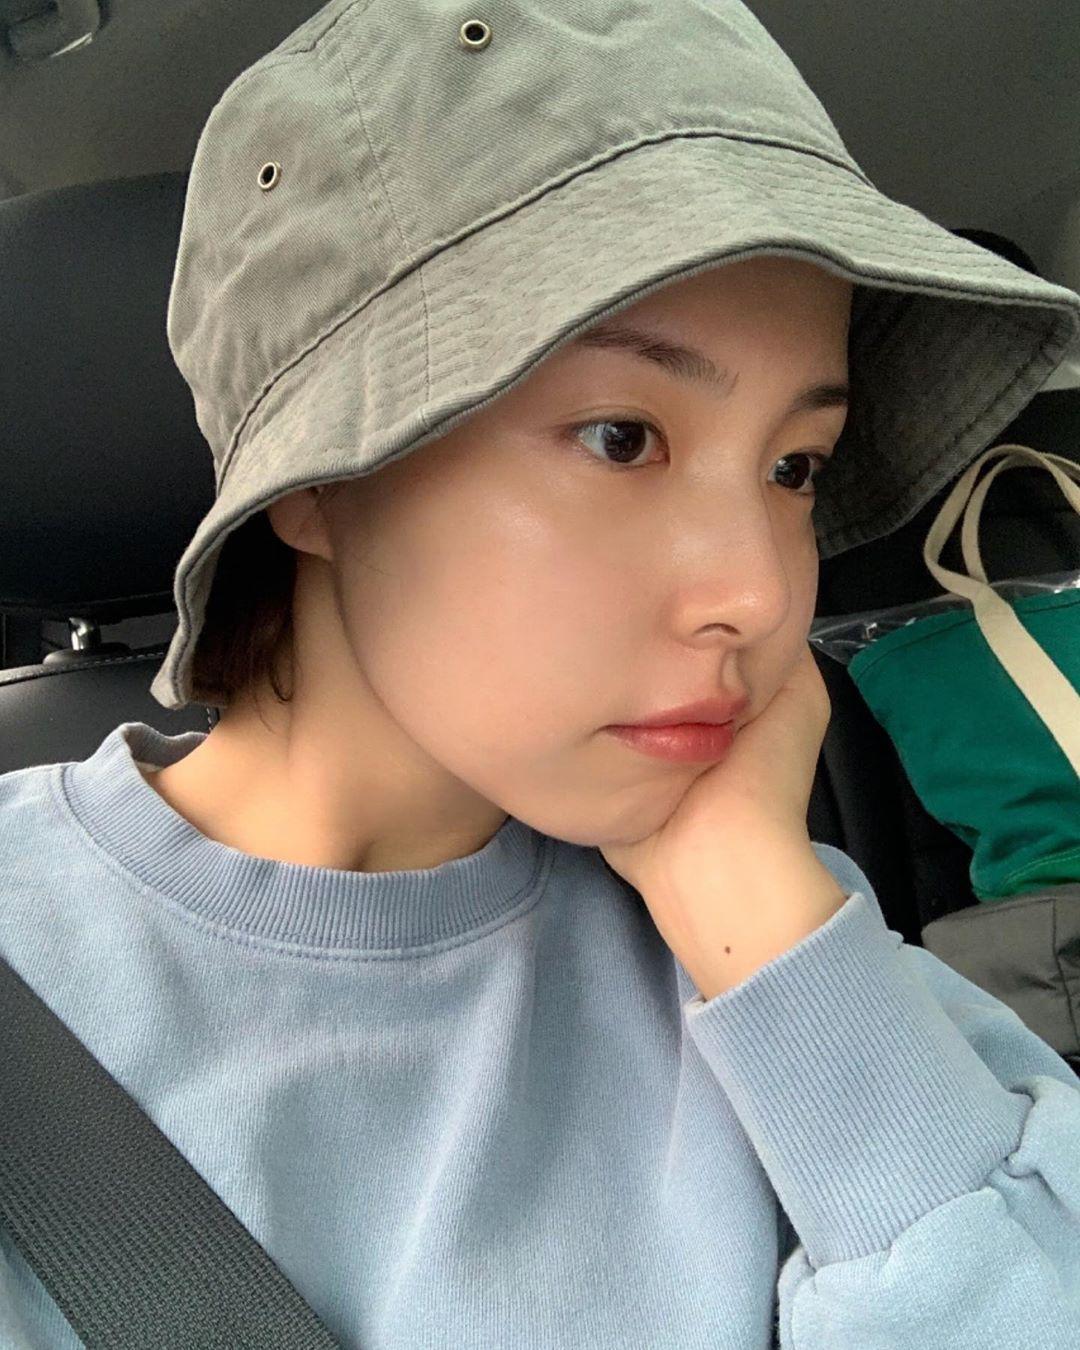 空靈長相飄仙氣 短髮韓國姊姊讓網友求關注 - 亞洲美女 -